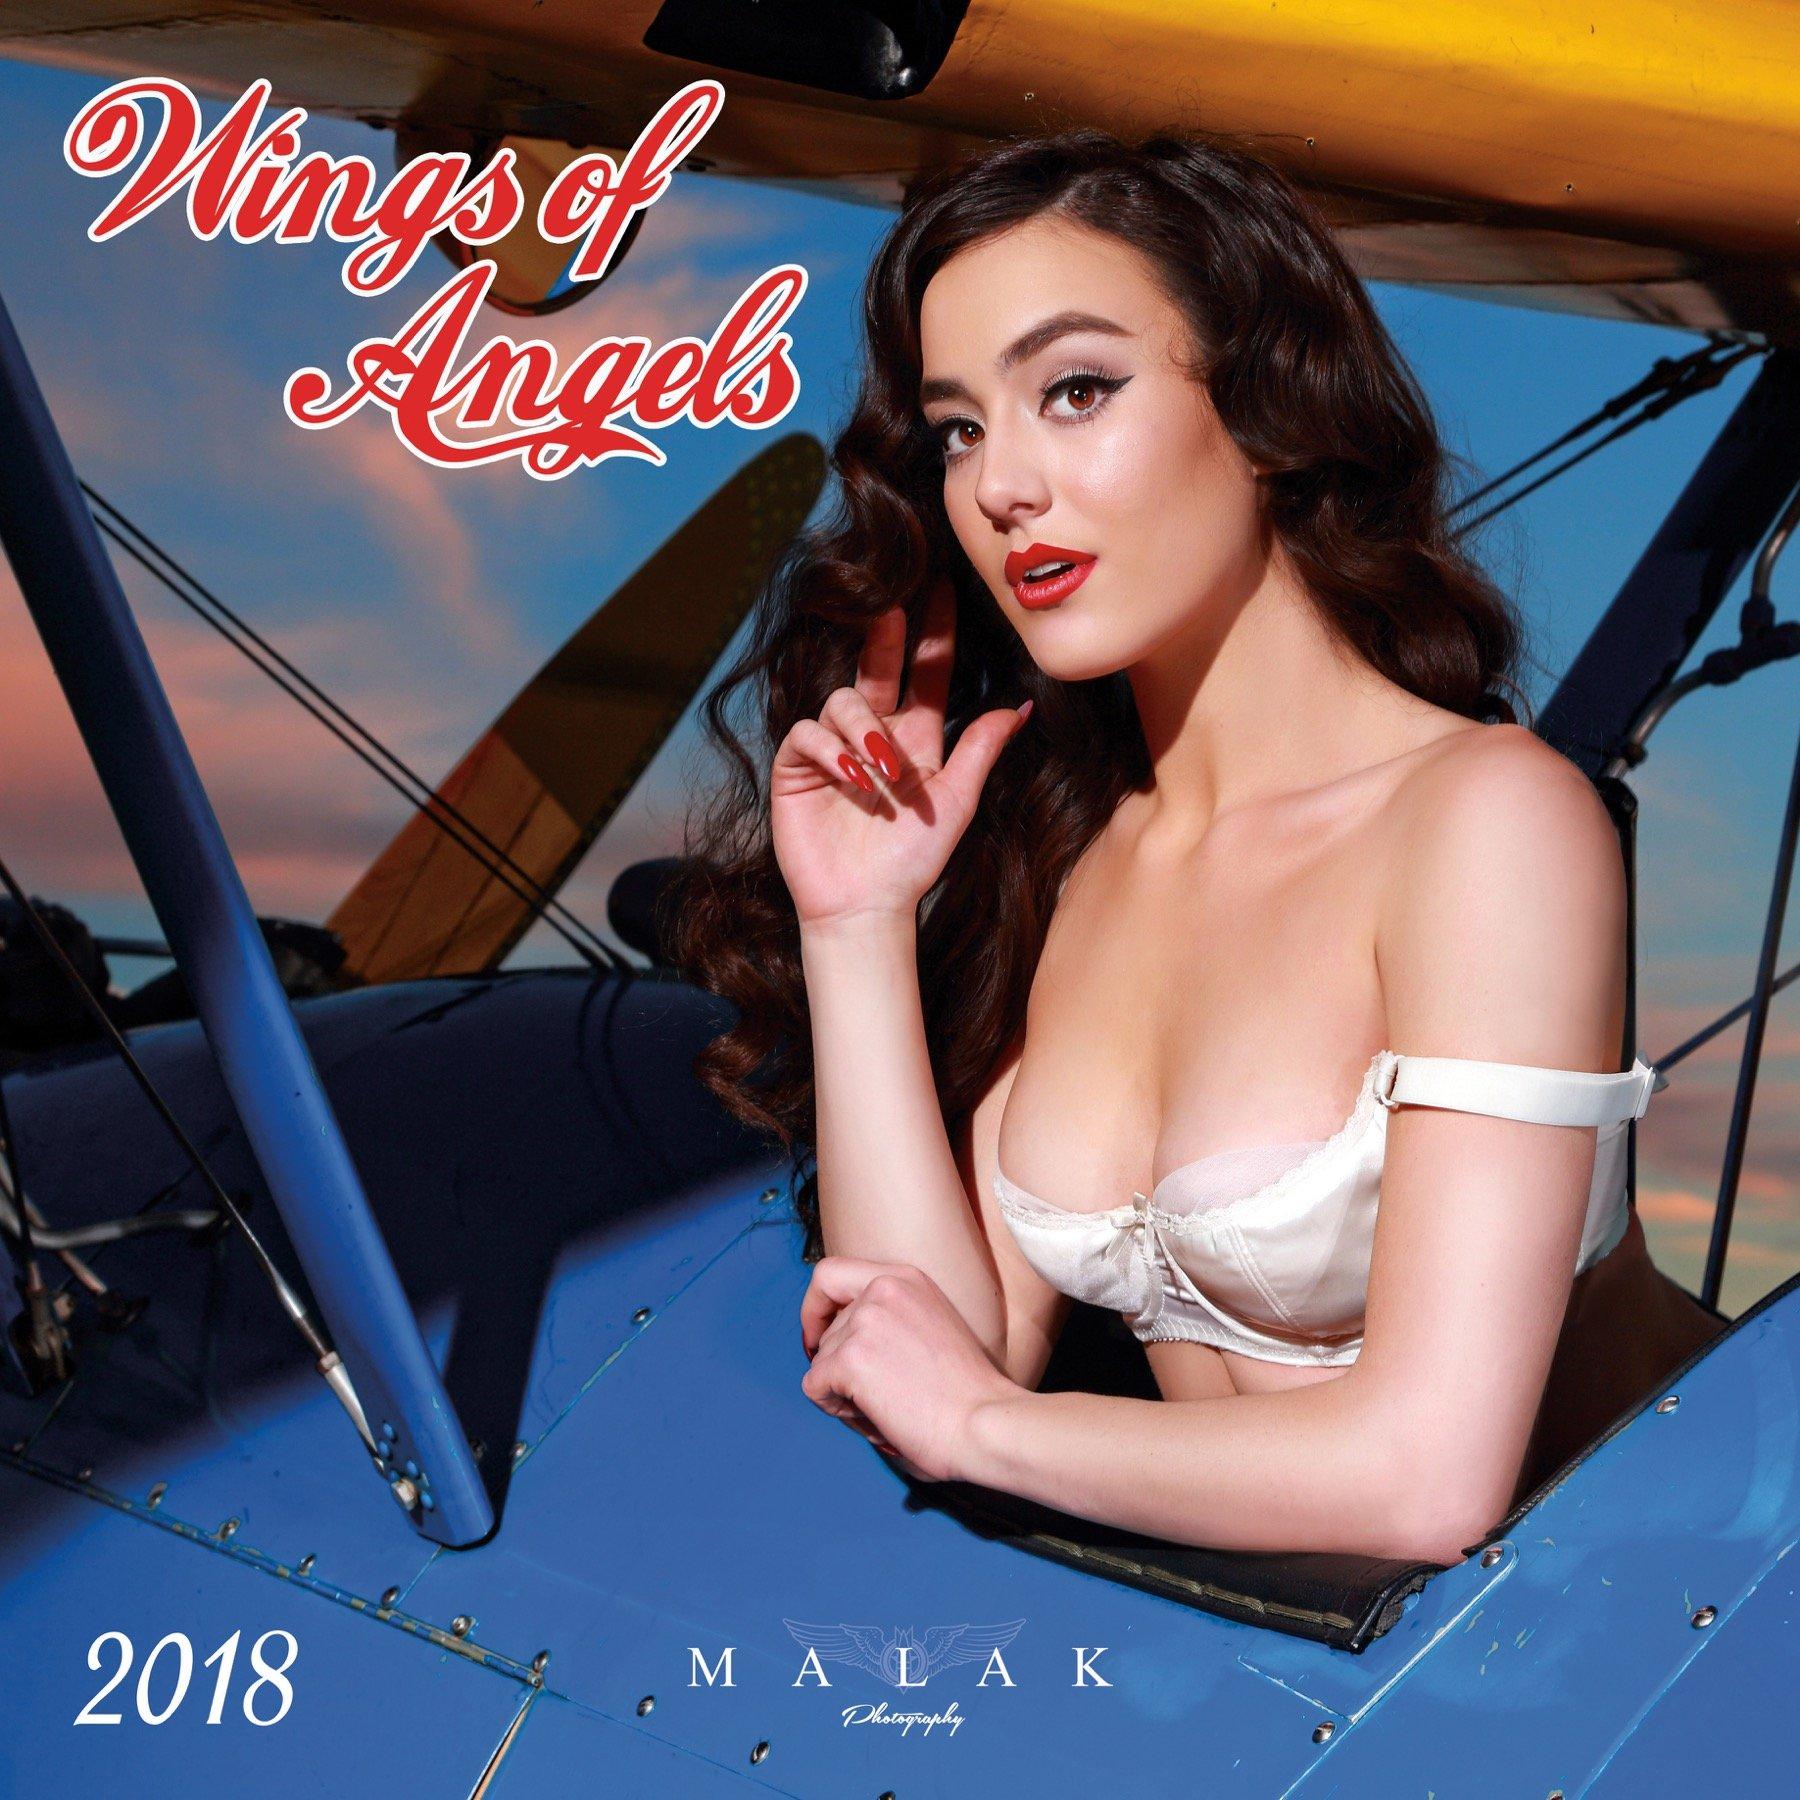 Wings of Angels 2018 Wall Calendar pdf